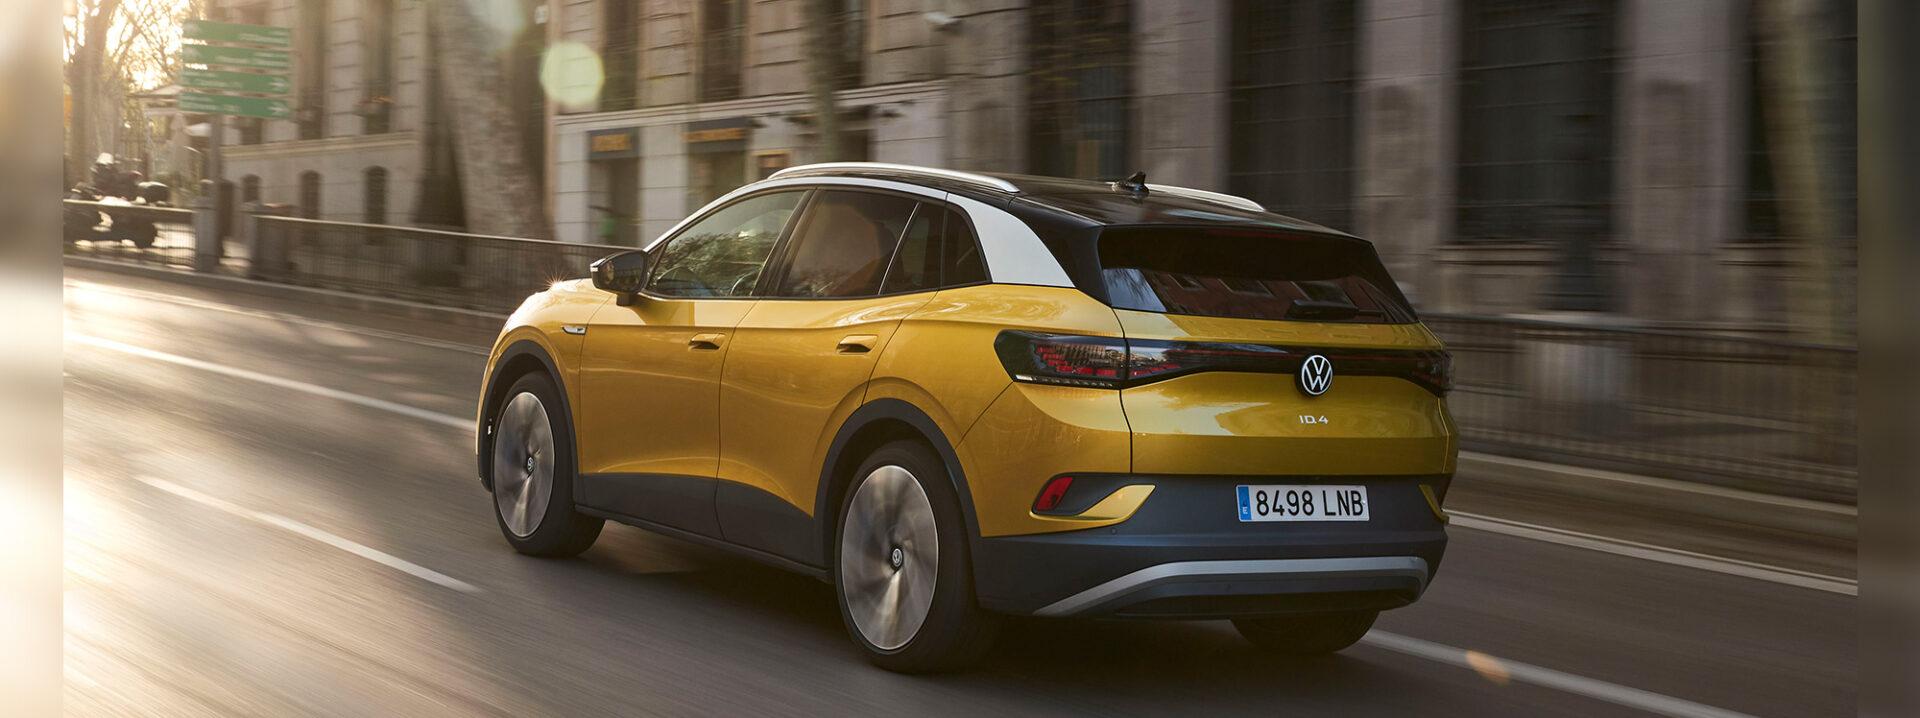 Volkswagen ID.4 se lleva el 'World Car of the Year' del 2021